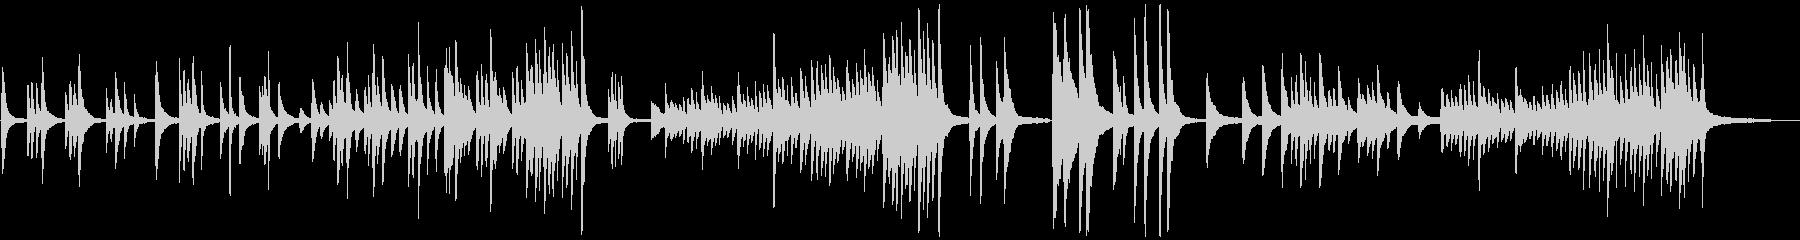 ゆったりとしたピアノのバラードの未再生の波形